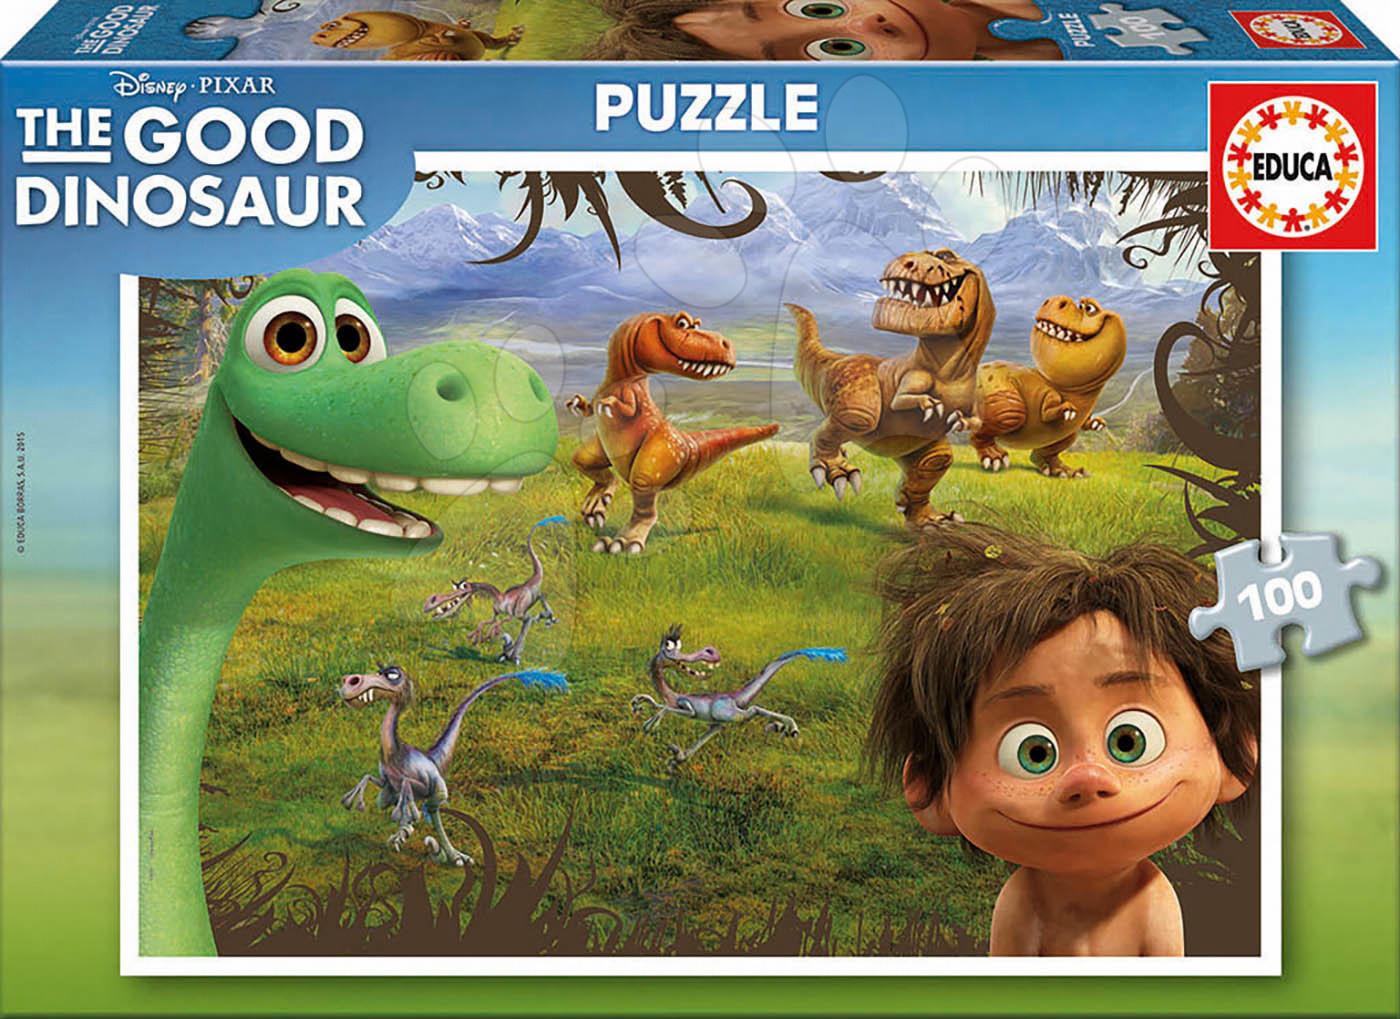 Detské puzzle od 100-300 dielov - Puzzle Dobrý dinosaurus Educa 100 dielov od 5 rokov